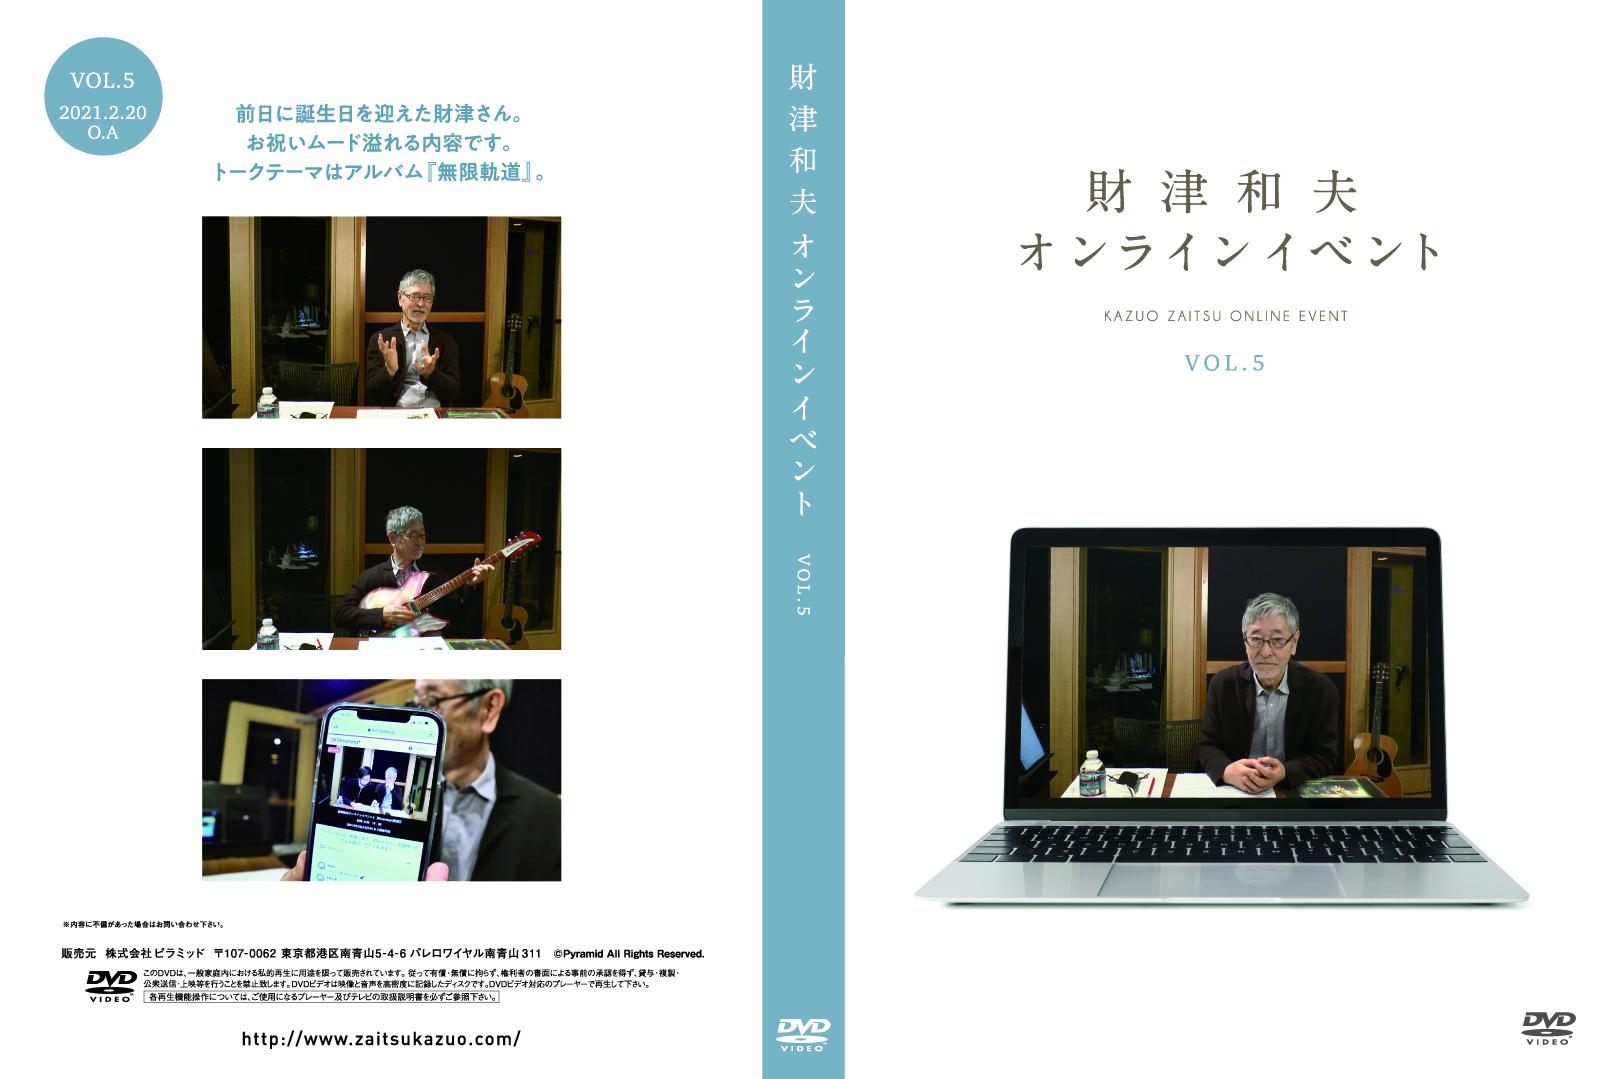 財津和夫オンラインイベントDVD Vol.5 - 画像1